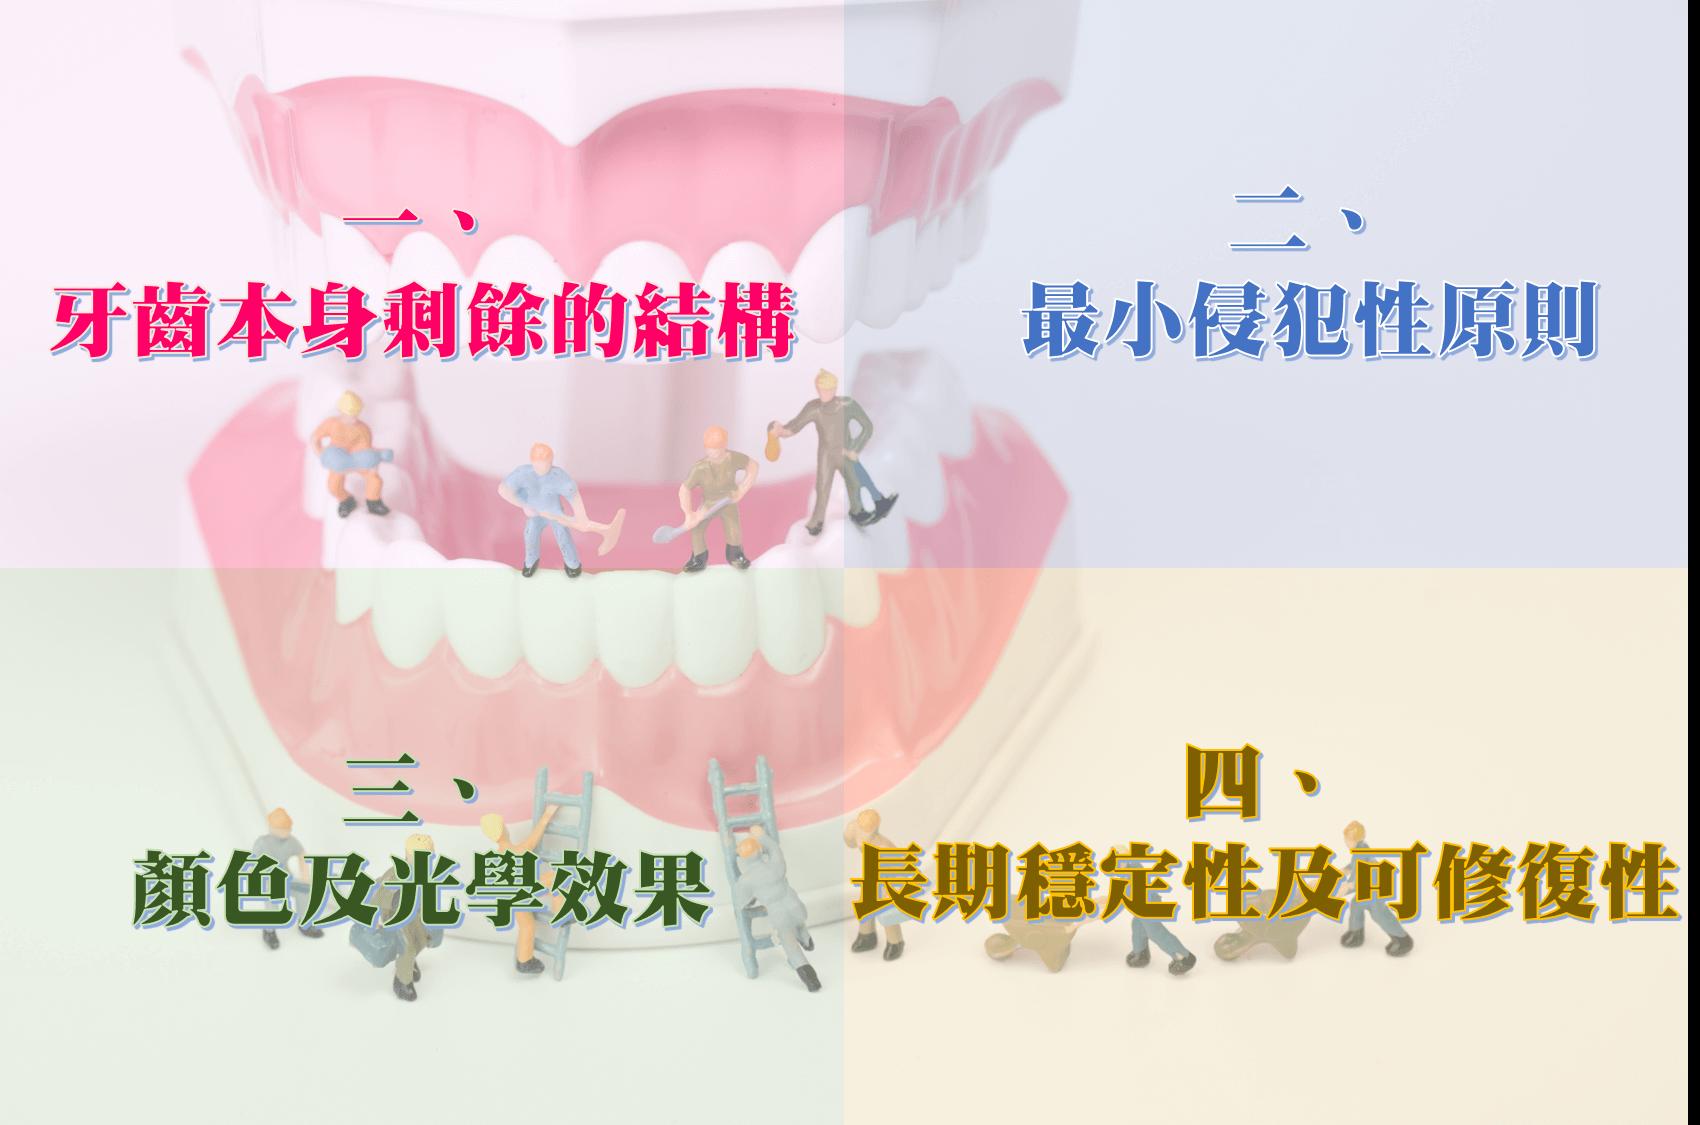 牙齒本身剩餘的結構、最小侵犯性原則、顏色及光學效果、長期穩定性及可修復性